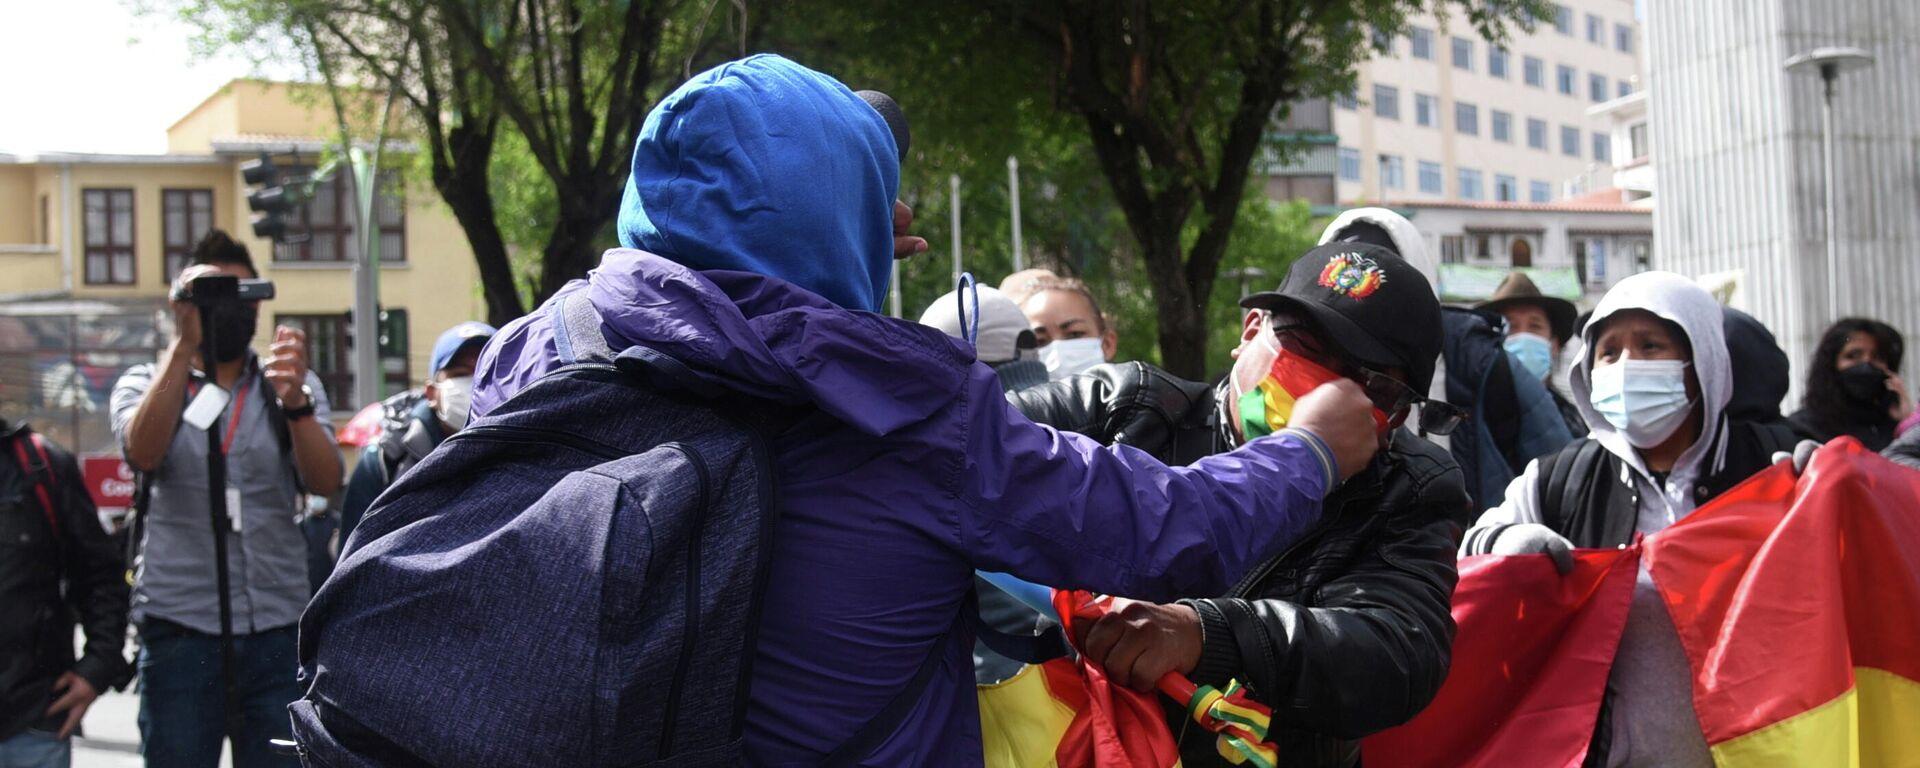 Choques entre manifestantes en Bolivia - Sputnik Mundo, 1920, 12.10.2021